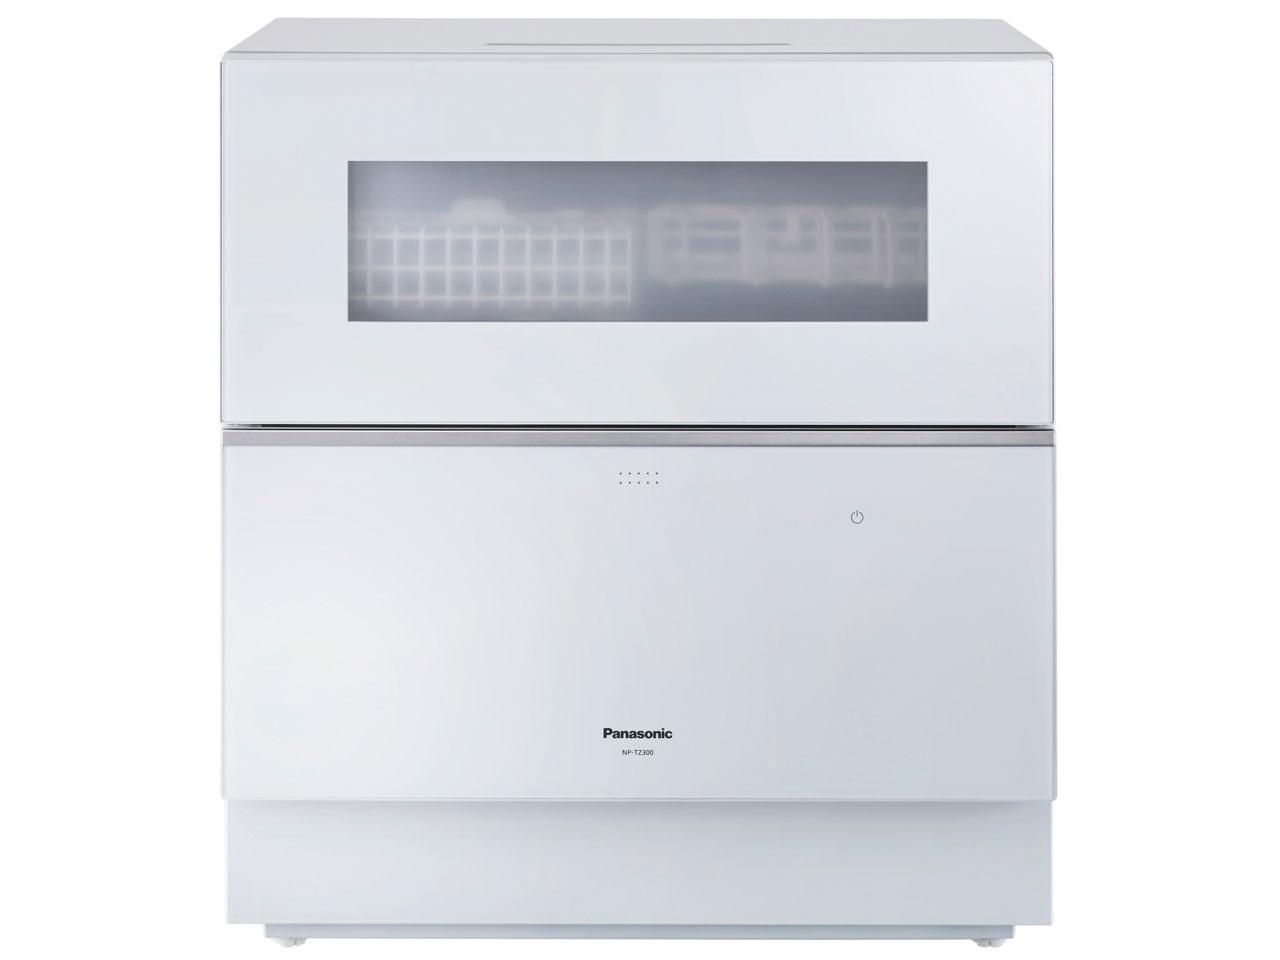 【パナソニック】食器洗い乾燥機 ナノイーX搭載 ホワイト NP-TZ300-W